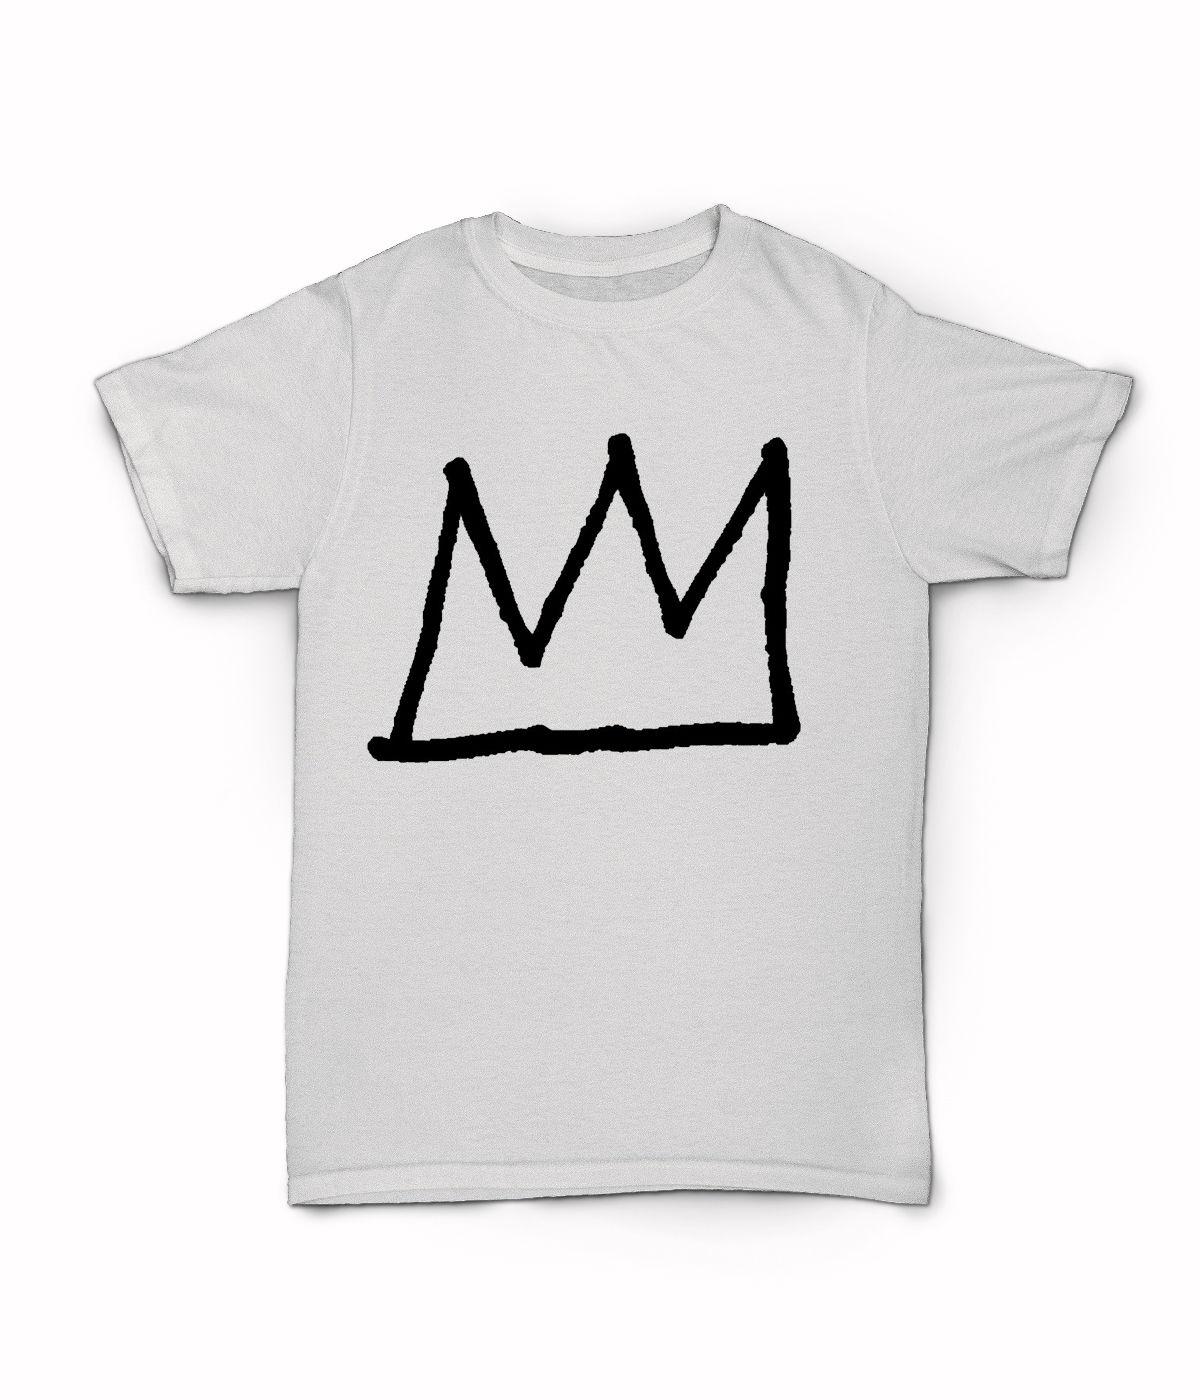 Jean Michel Basquiat crown T Shirt - New York City 80s Art T-Shirt - Legend